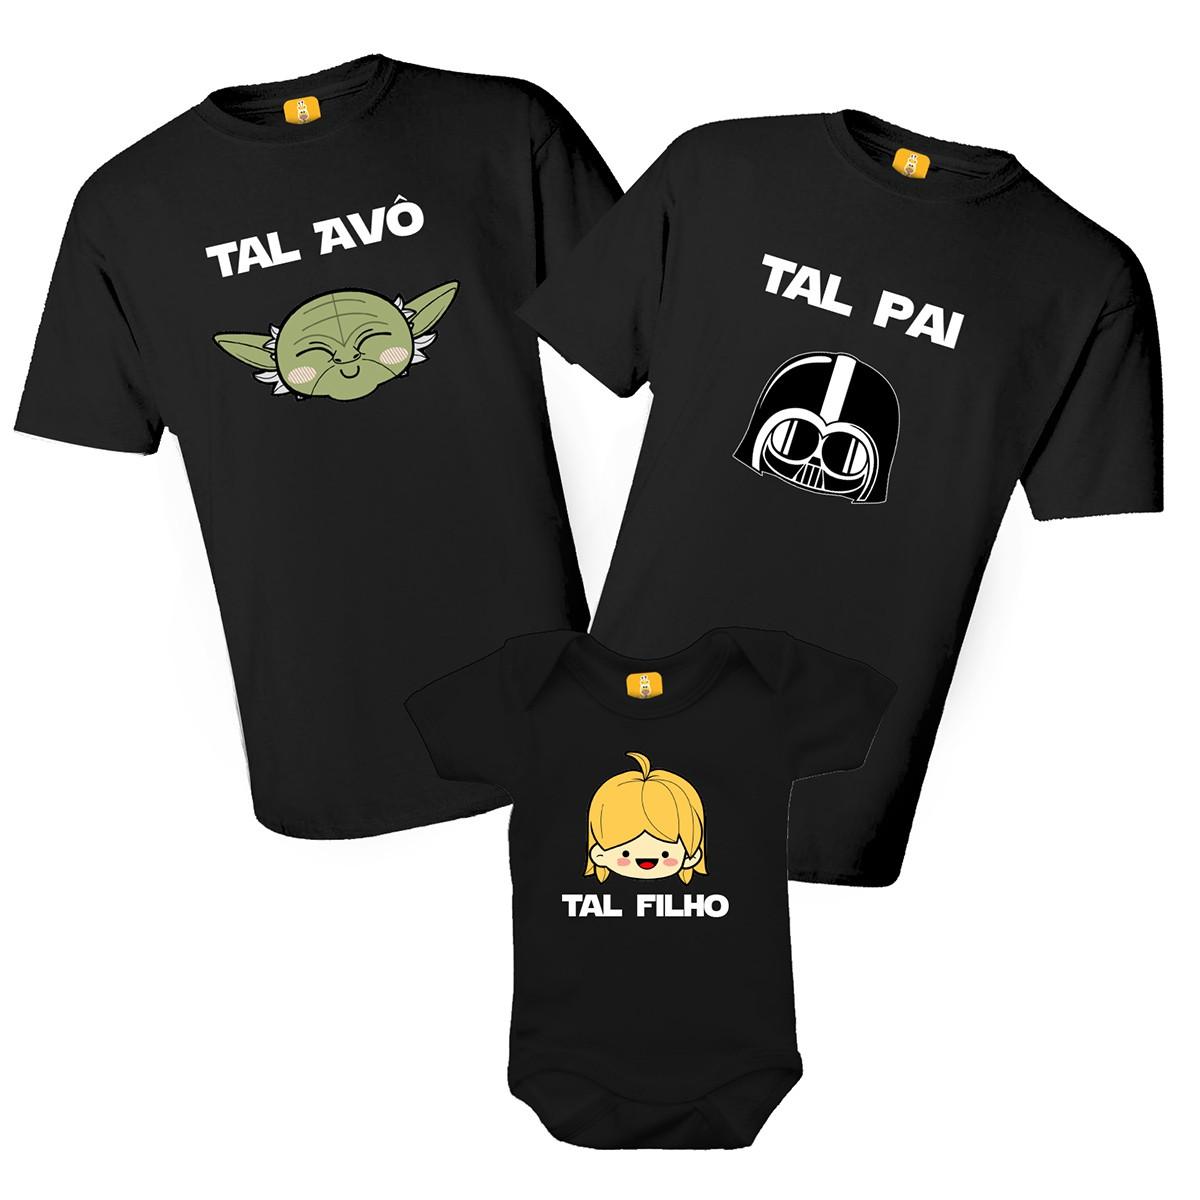 Kit camiseta Star Wars Tal Pai Tal Filho tal Avô